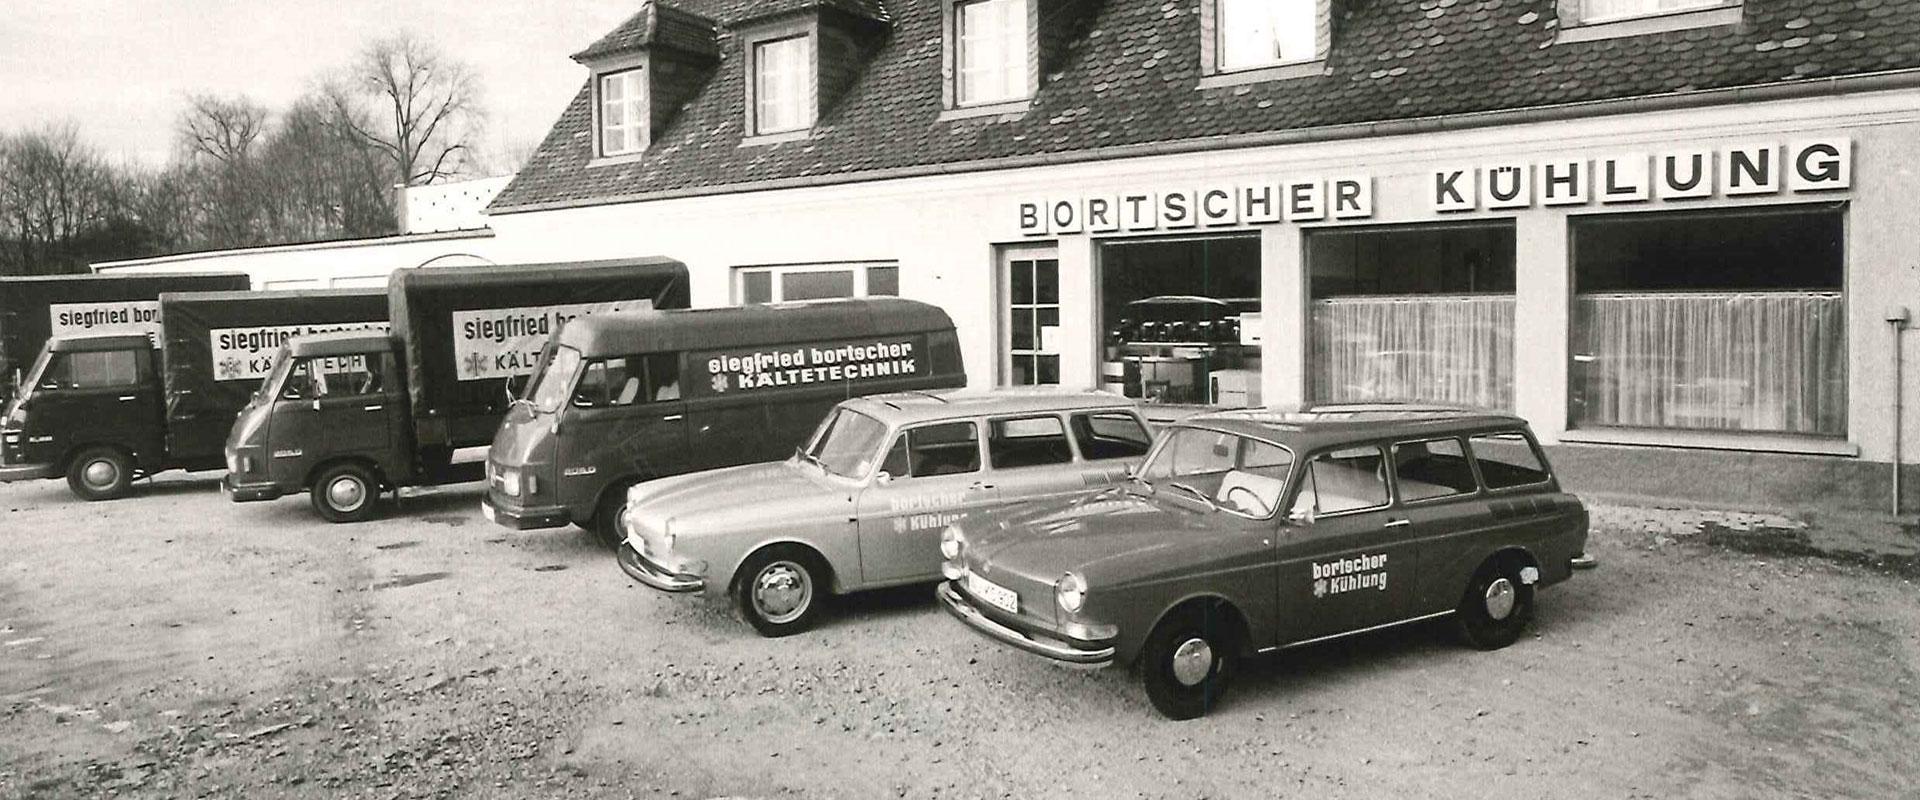 Unternehmen und Historie - Siegfried Bortscher GmbH